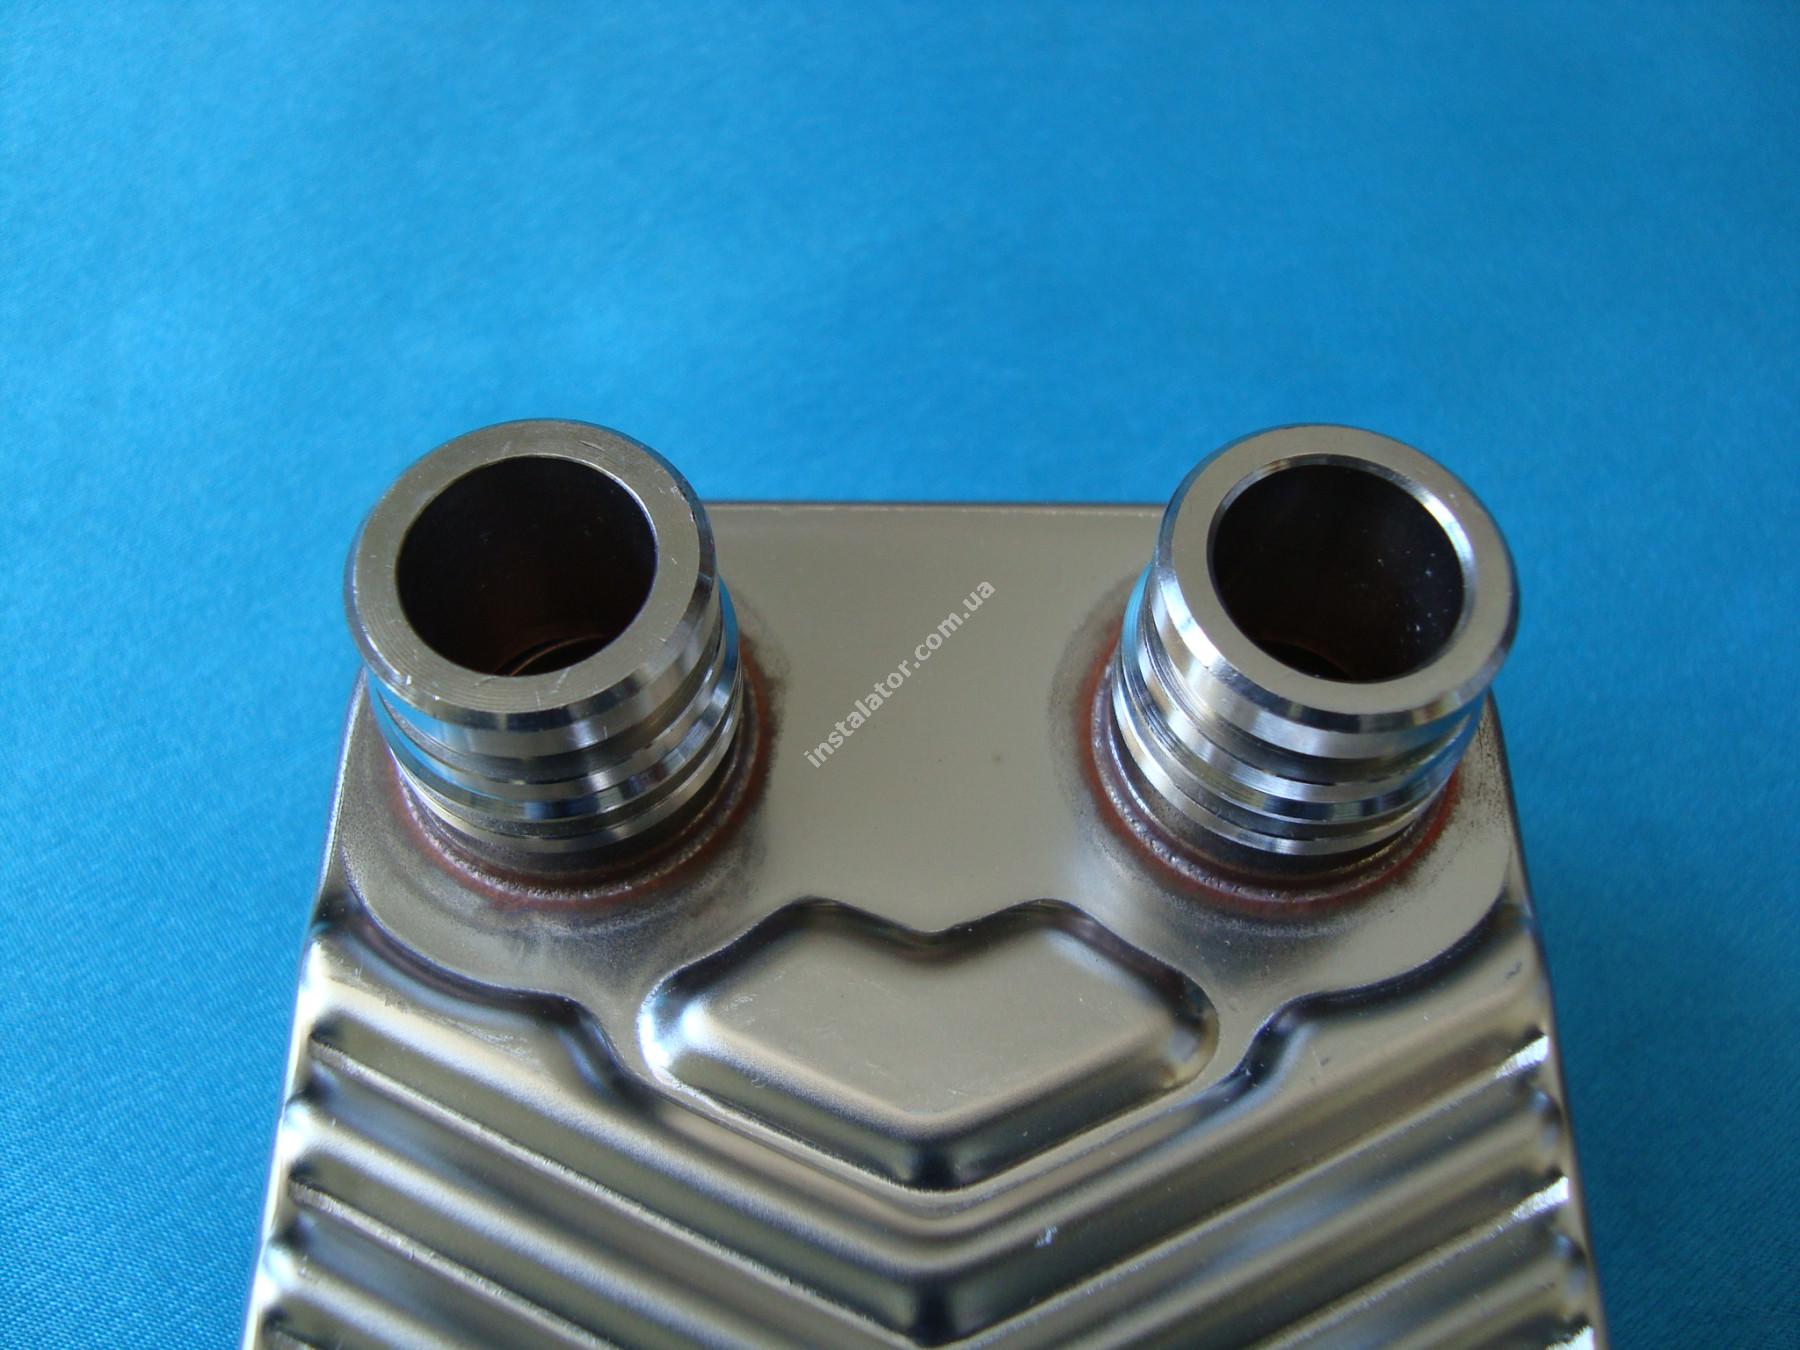 065088 (0020073794) Теплообмінник вторинний  Vaillant TURBOmax, ATMOmax  Plus full-image-2